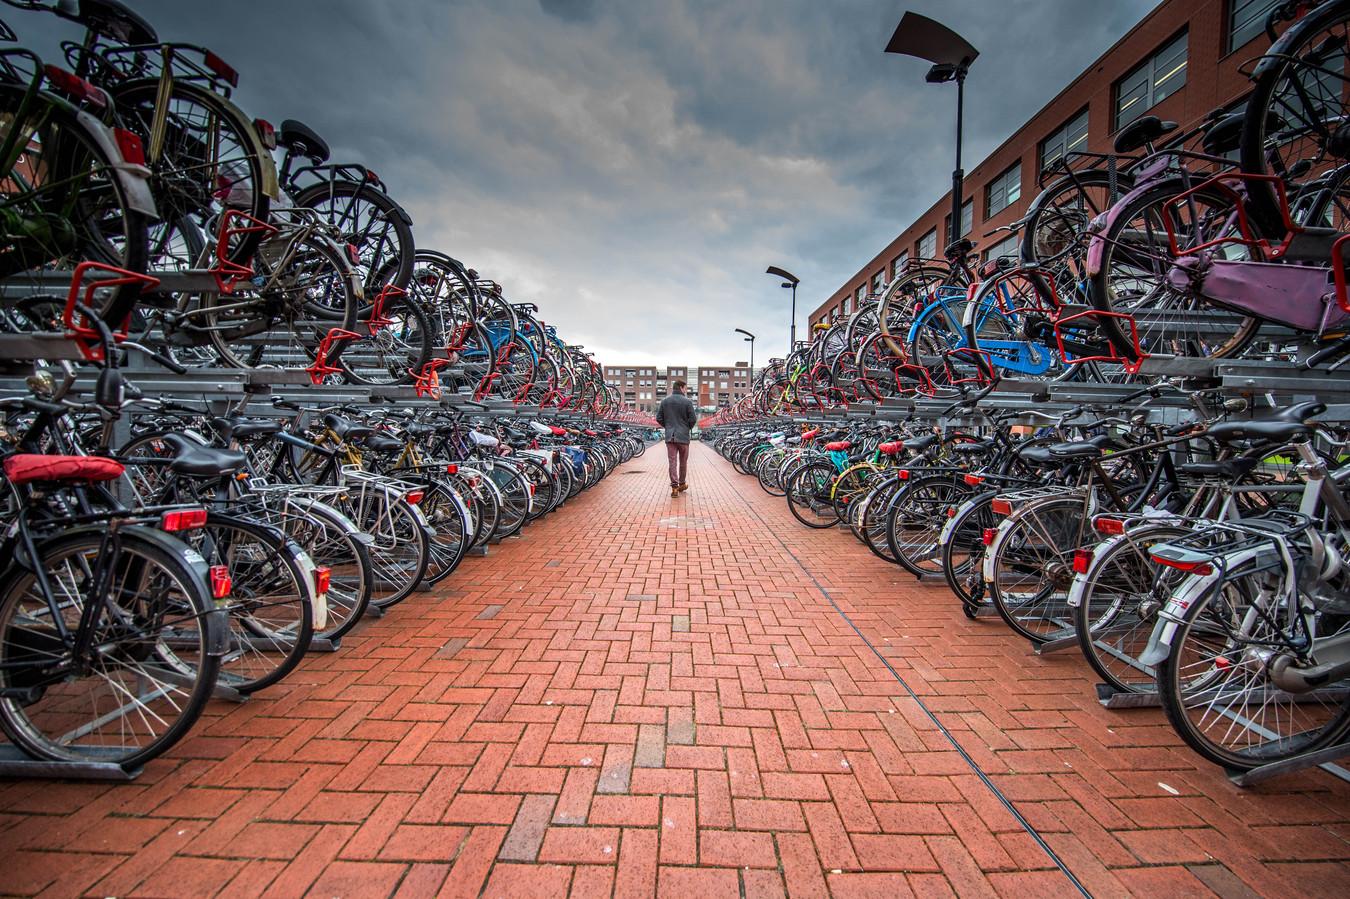 Zwolle zet flink in op de fiets. Op een tweewieler moet je sneller door de stad gaan dan wanneer je in de auto zit.